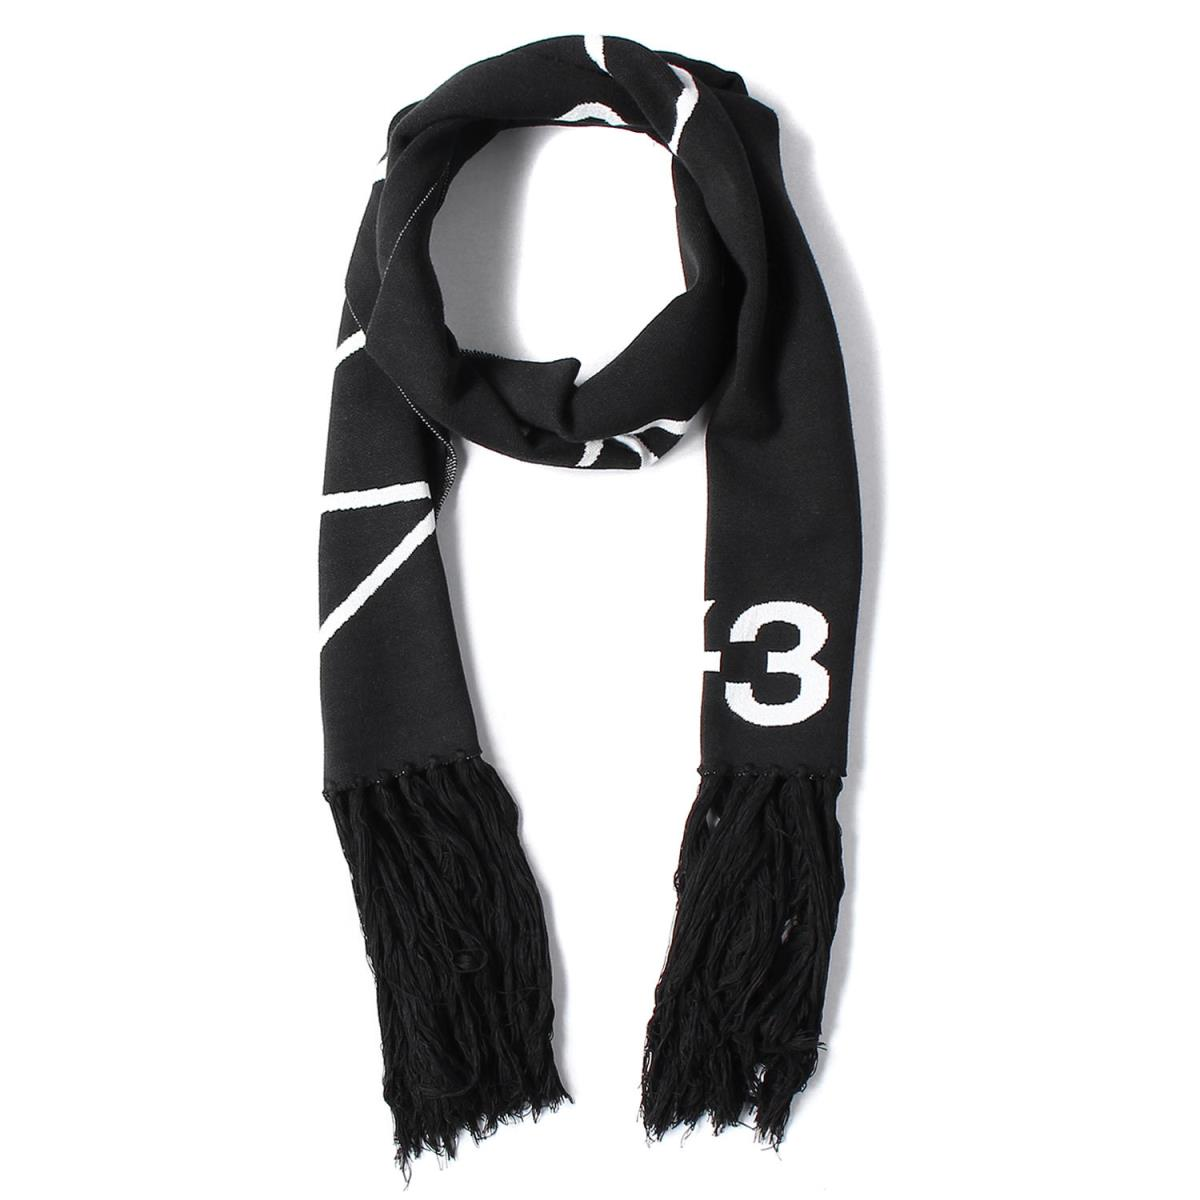 ワイスリー ポリレーヨンマフラー スカーフ Y-3 マフラー スーパーセール 18AW フリンジ メッセージロゴ SCARF SLOGAN 美品 メンズ 超歓迎された ブラック×ホワイト K2872 中古